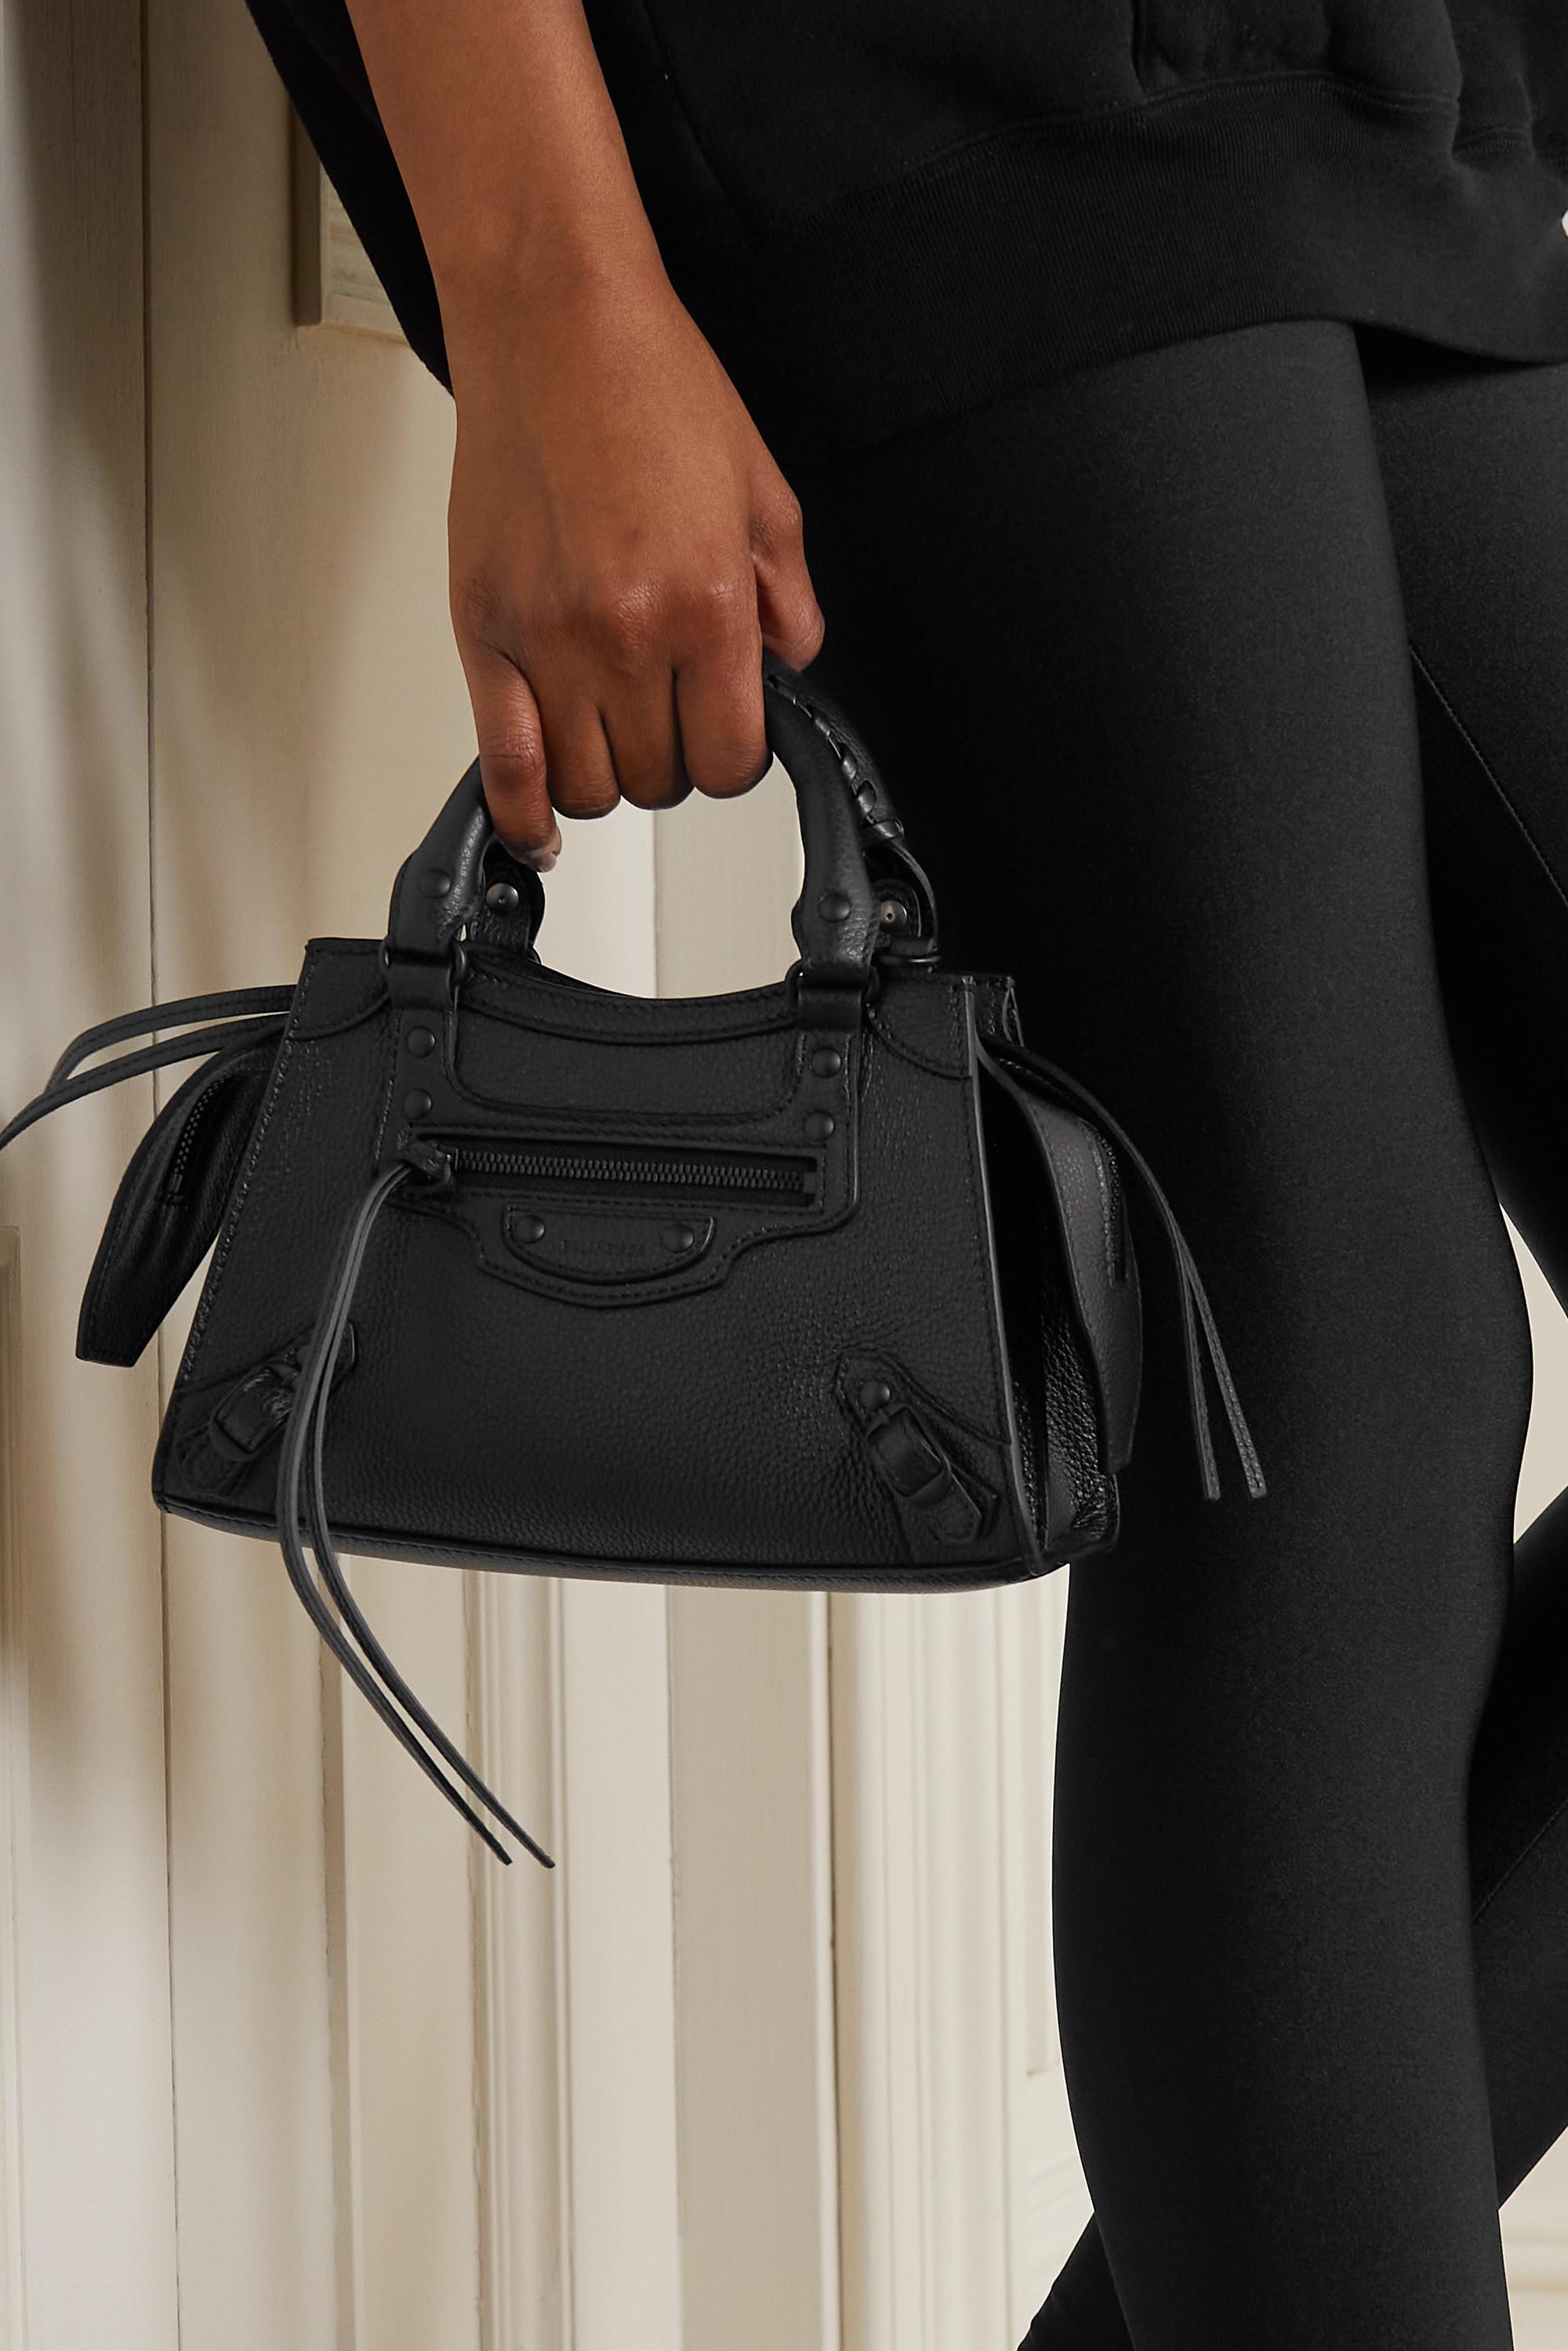 Balenciaga Sac à main en cuir texturé Neo Classic City Mini